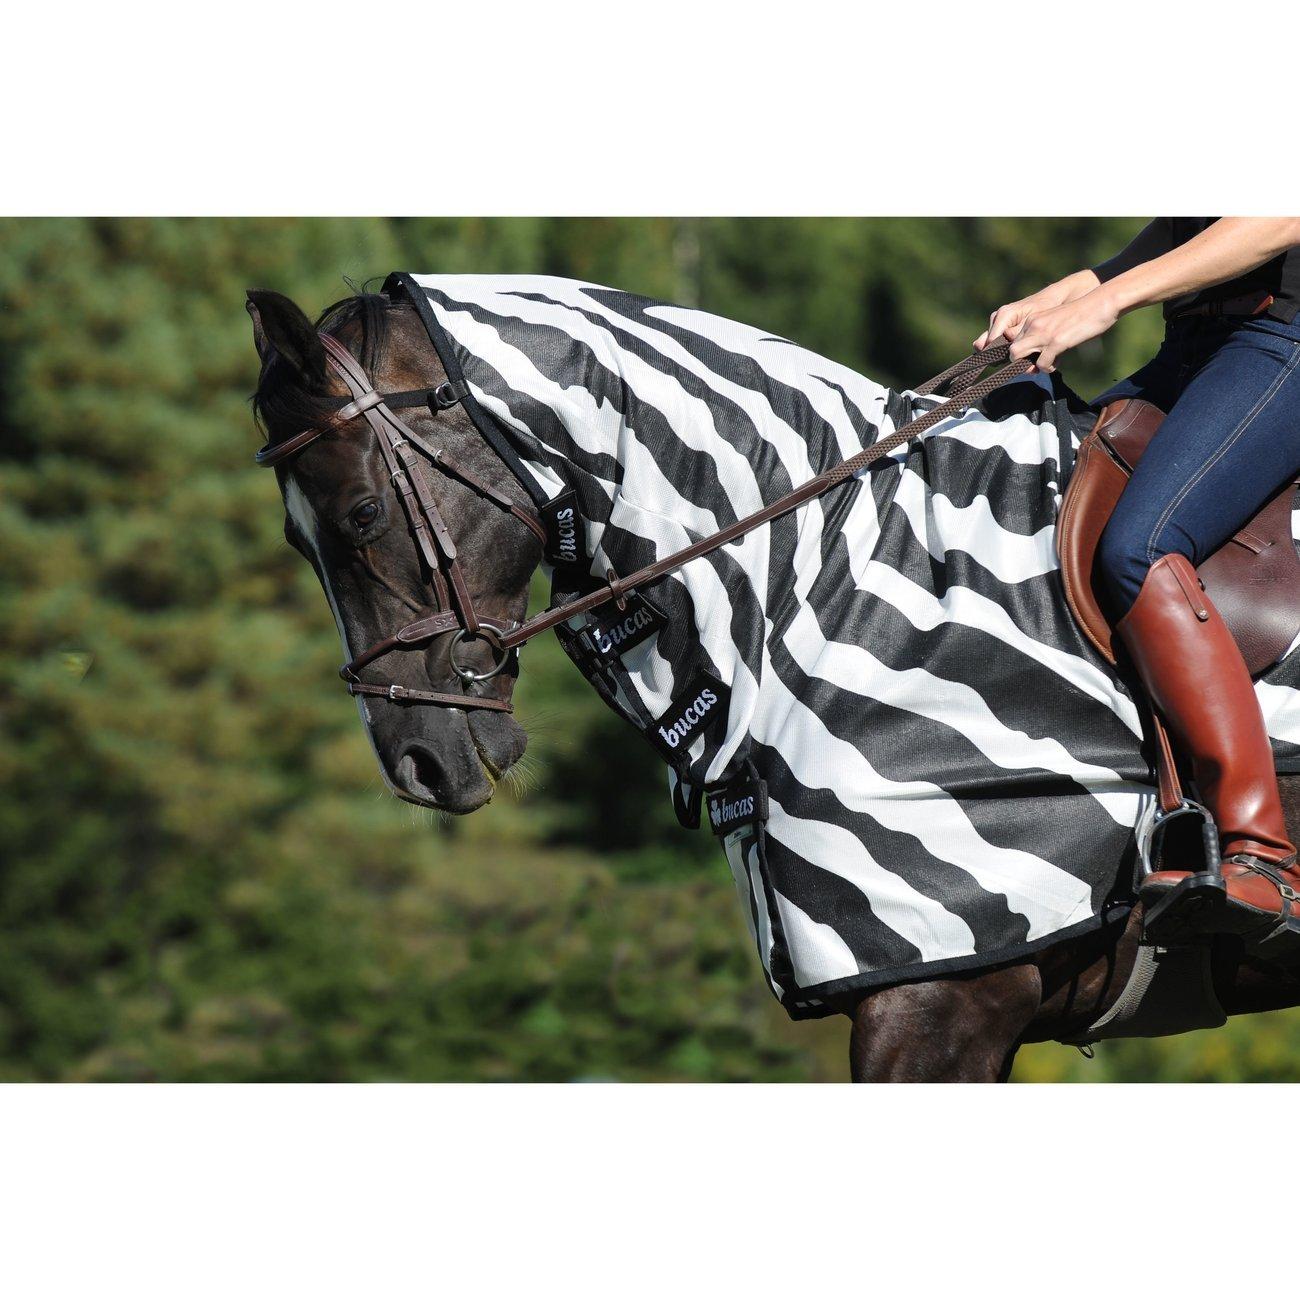 Buzz Off Riding Zebra Ausreitdecke Bild 4